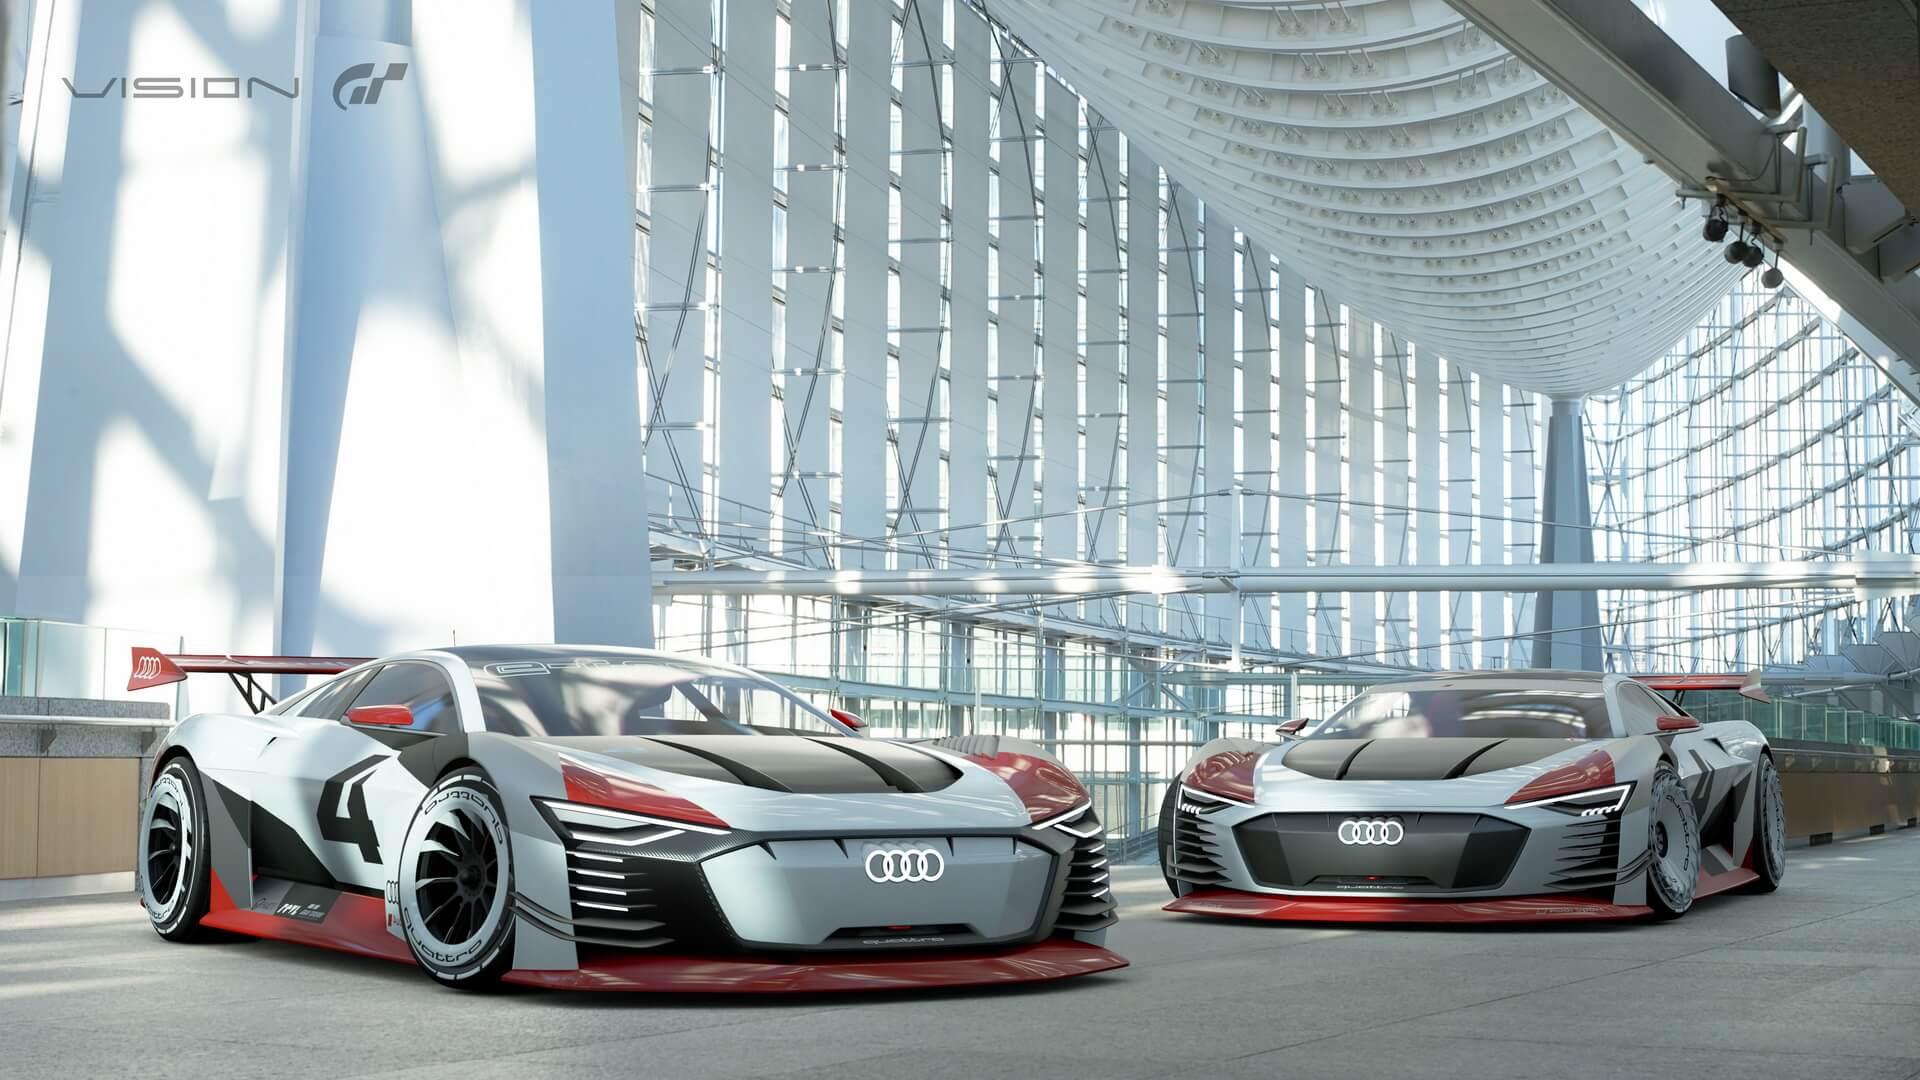 Виртуальные спорткары Audi e-tron Vision Gran Turismo